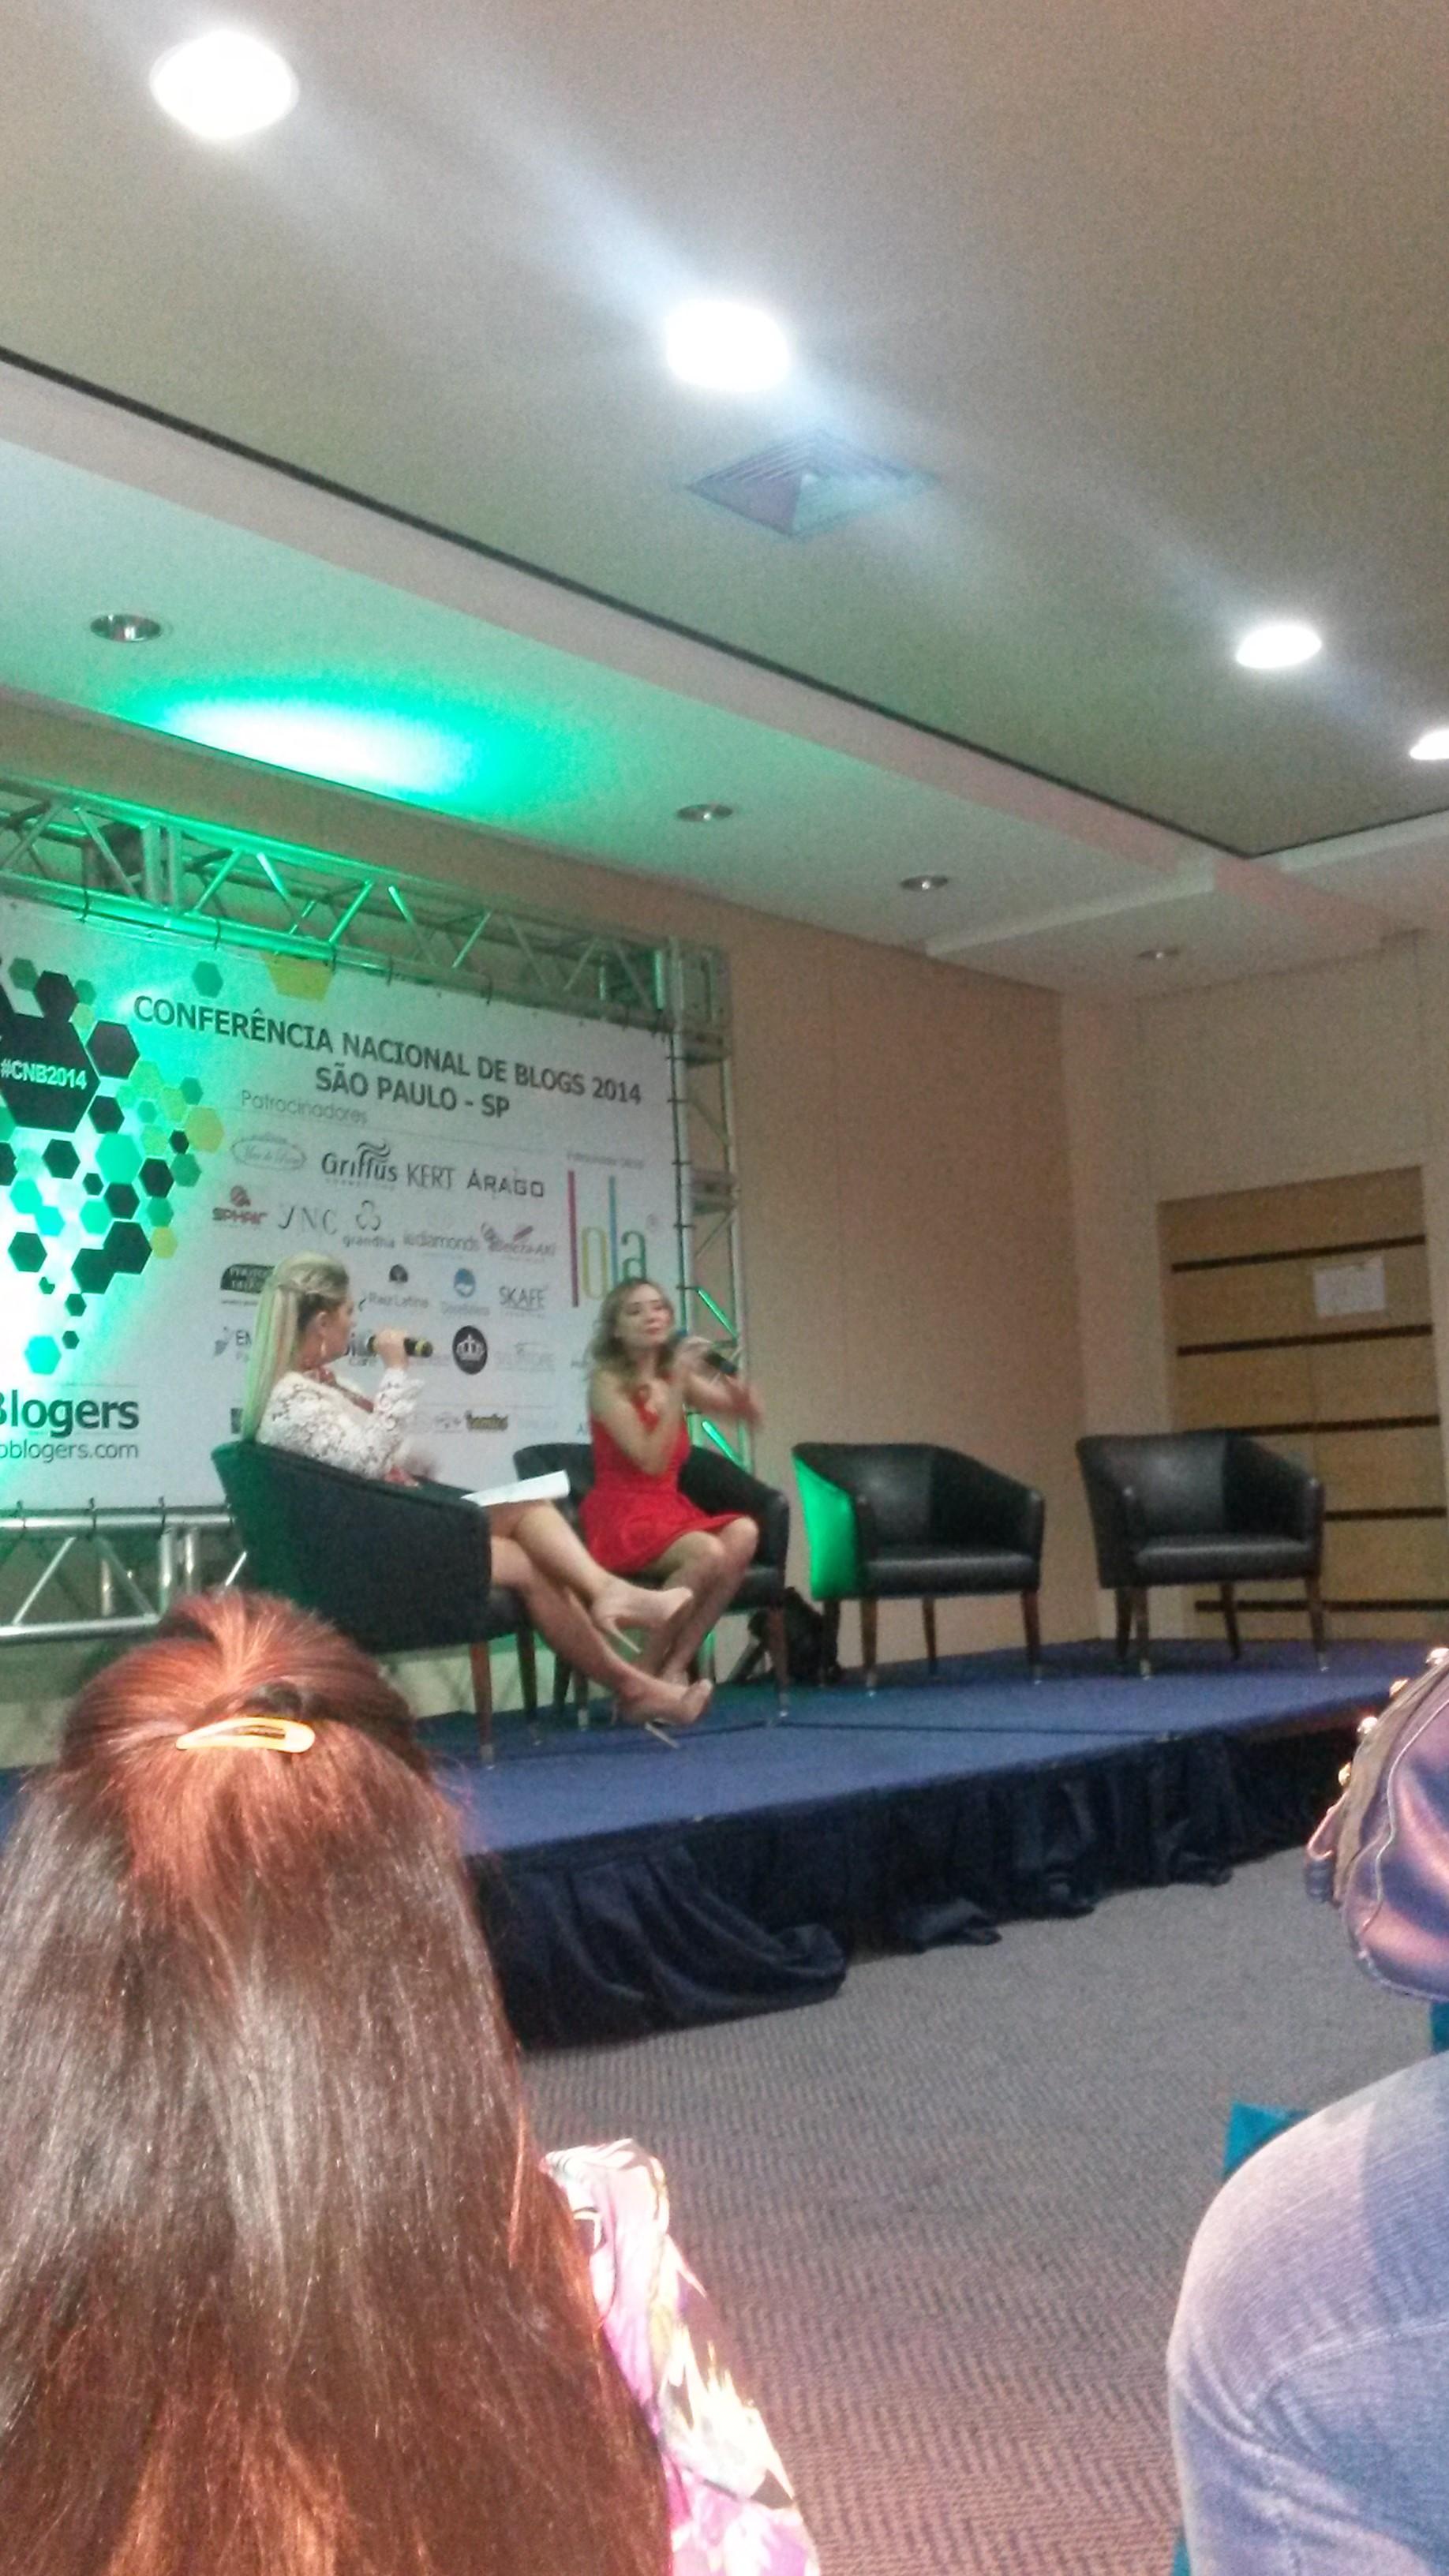 20140823_162549 Entrevista da Taciele Alcolea  no #CNB2014